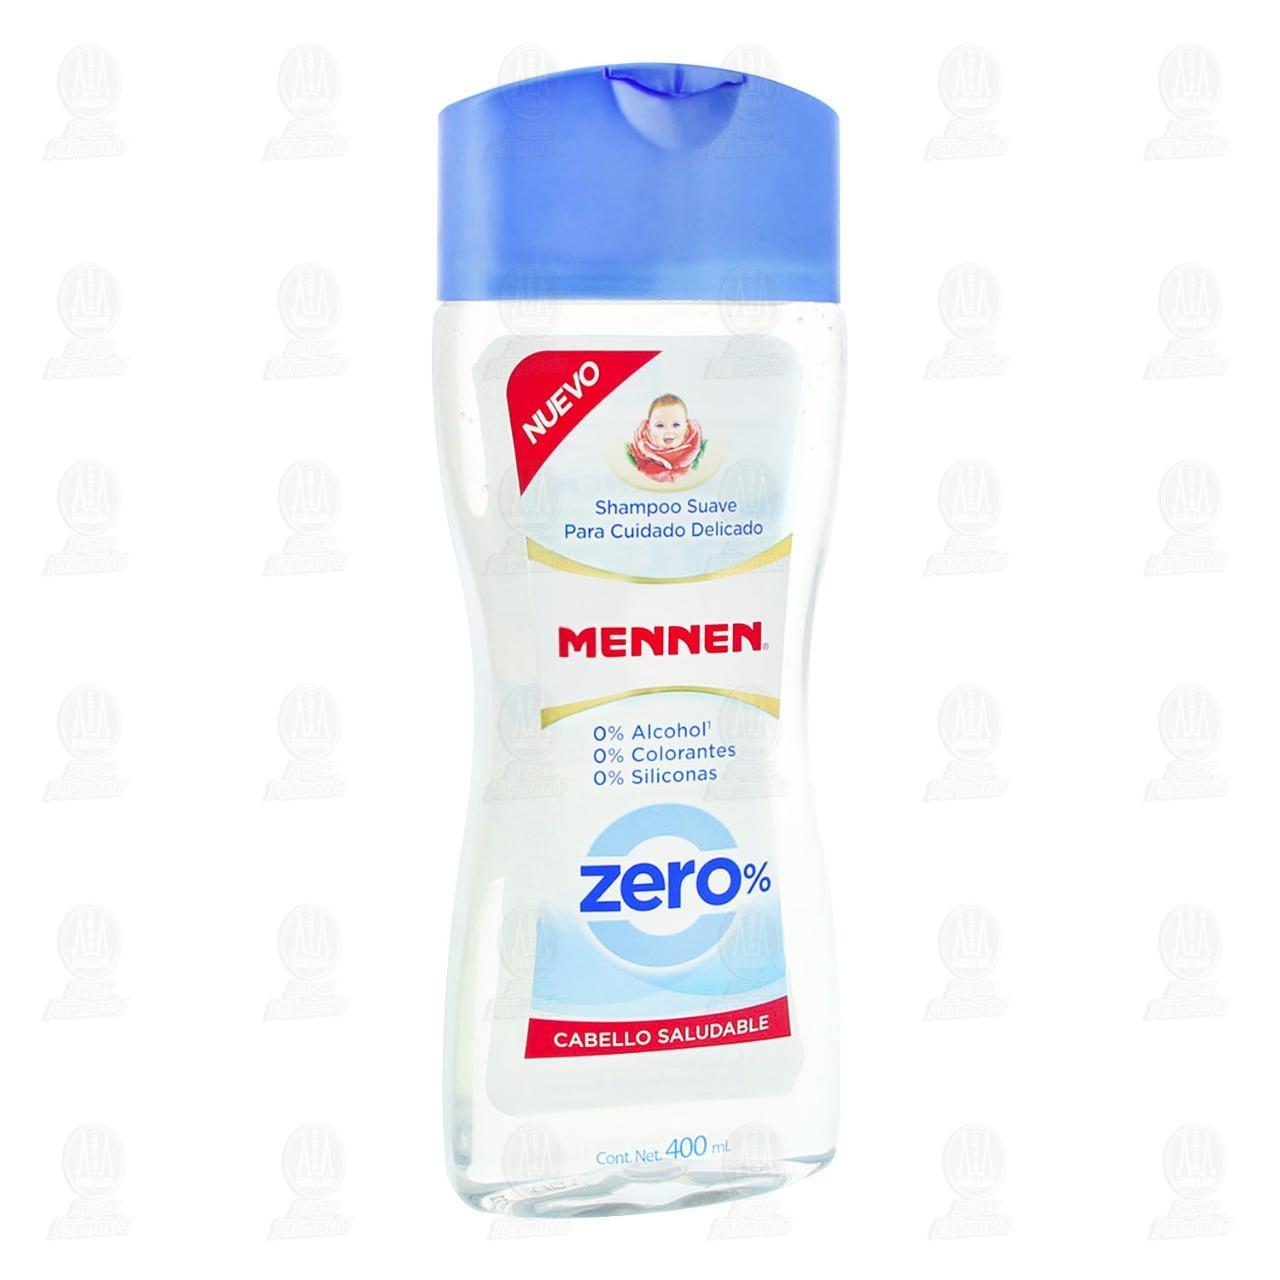 Comprar Shampoo Mennen Zero Cabello Saludable, 400 ml. en Farmacias Guadalajara